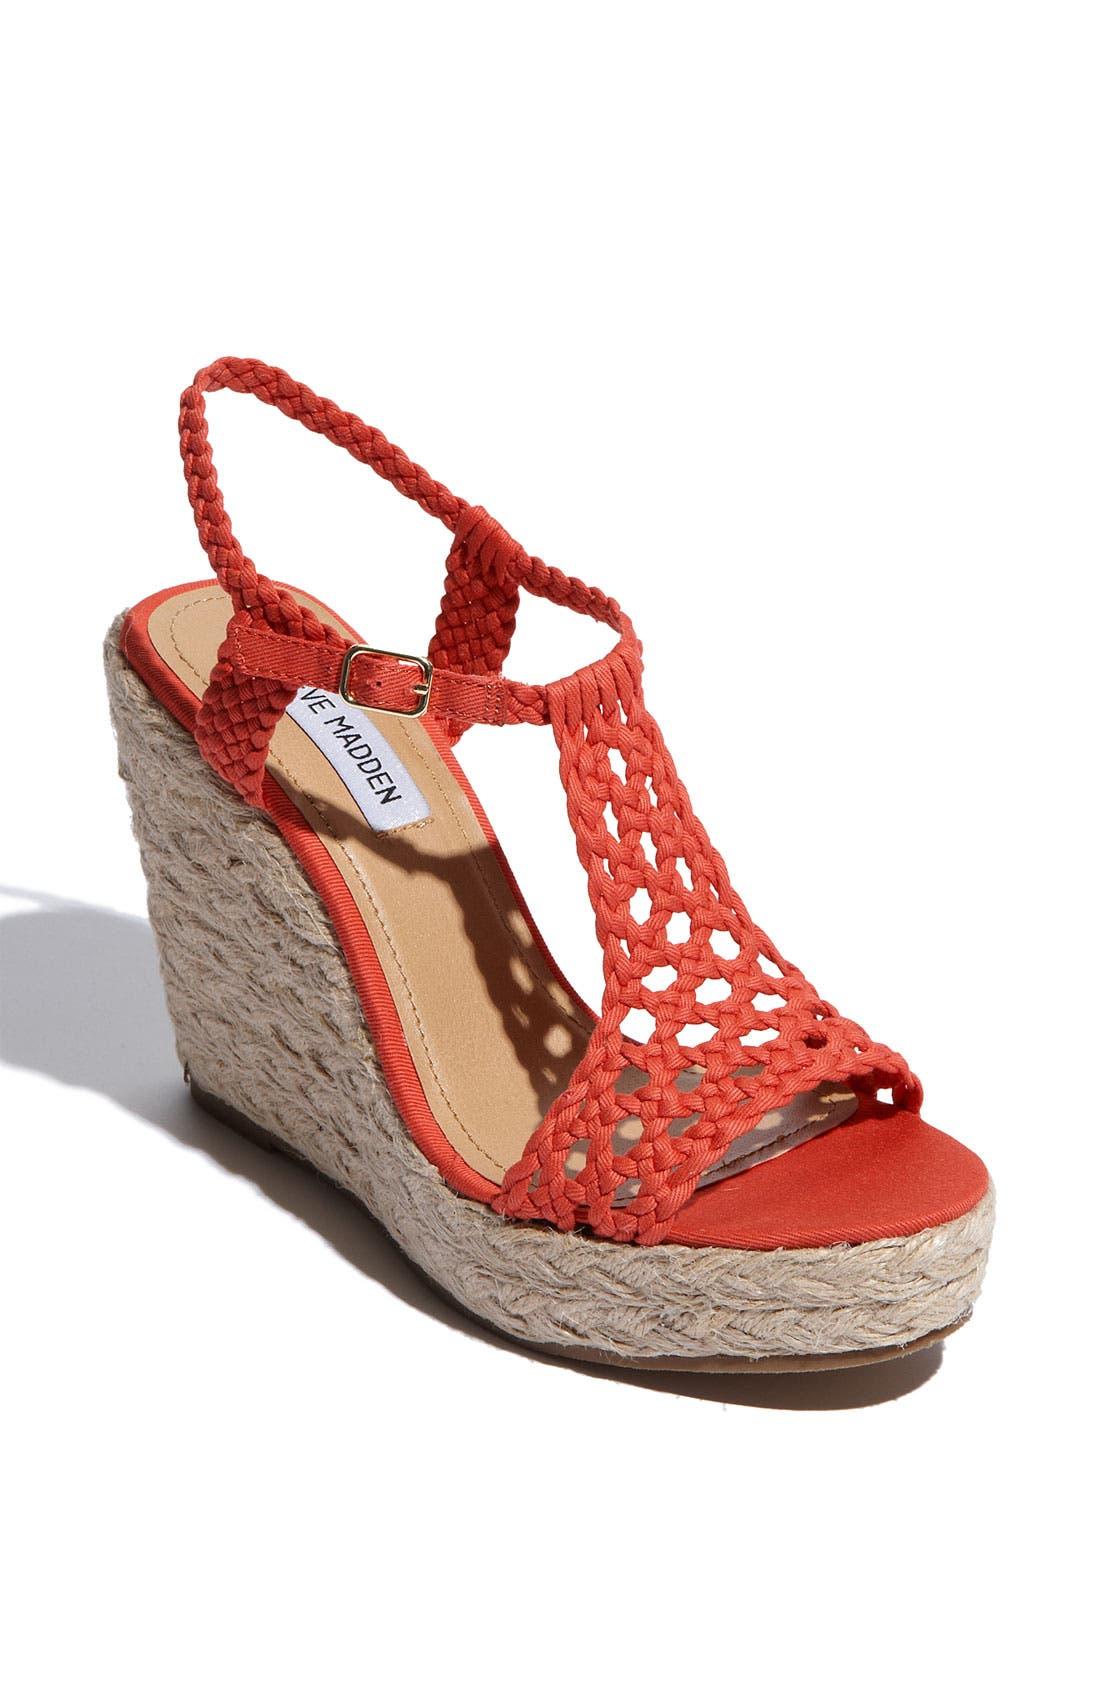 Alternate Image 1 Selected - Steve Madden 'Manngo' Woven Sandal